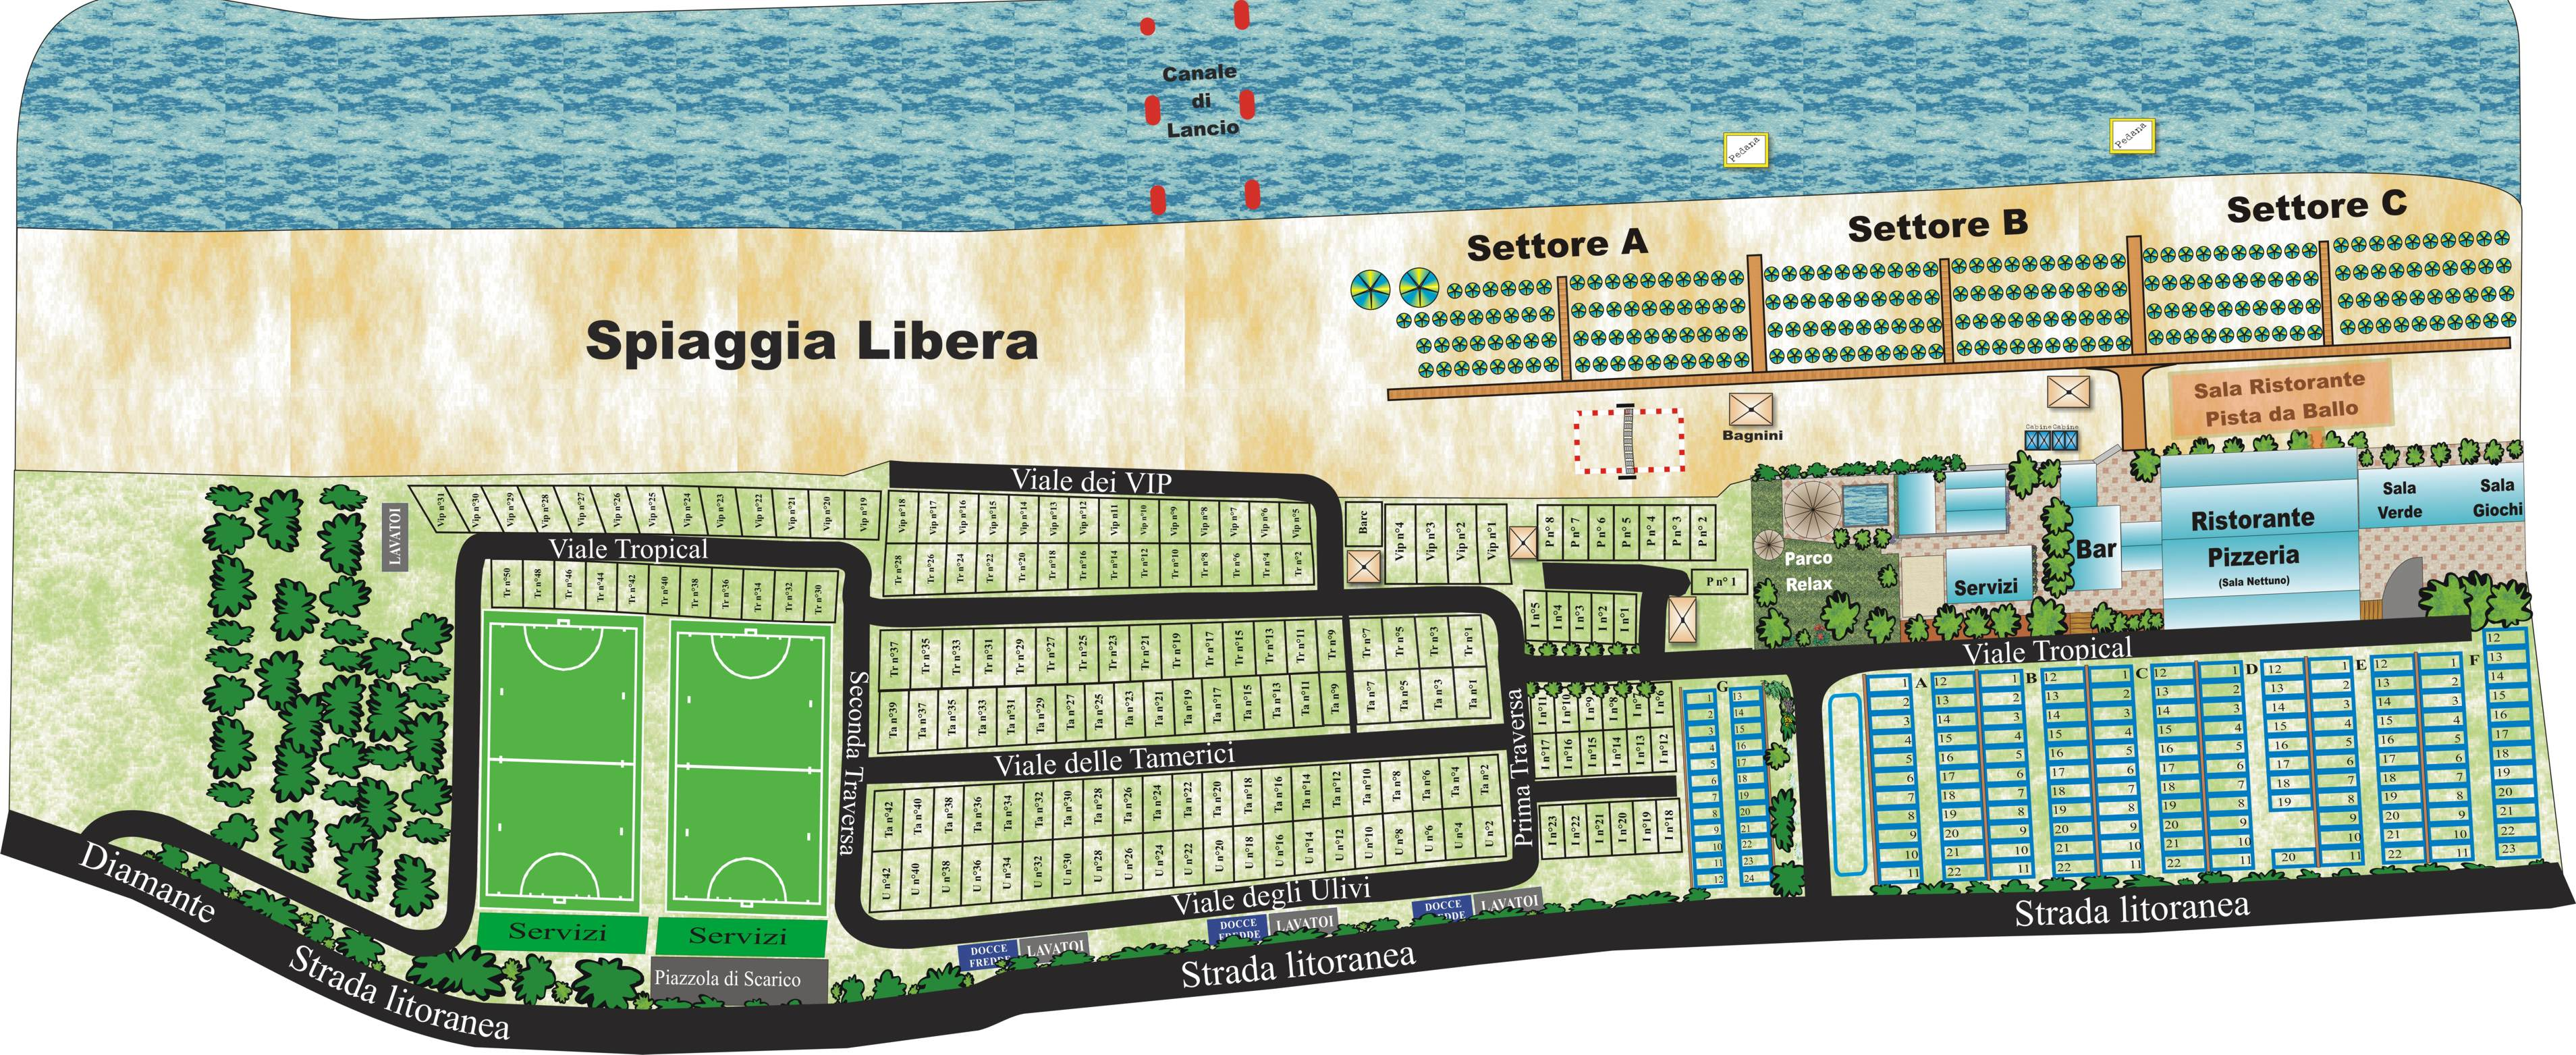 Lido tropical stabilimento balneare sosta camper for Progetti di cottage sulla spiaggia e planimetrie